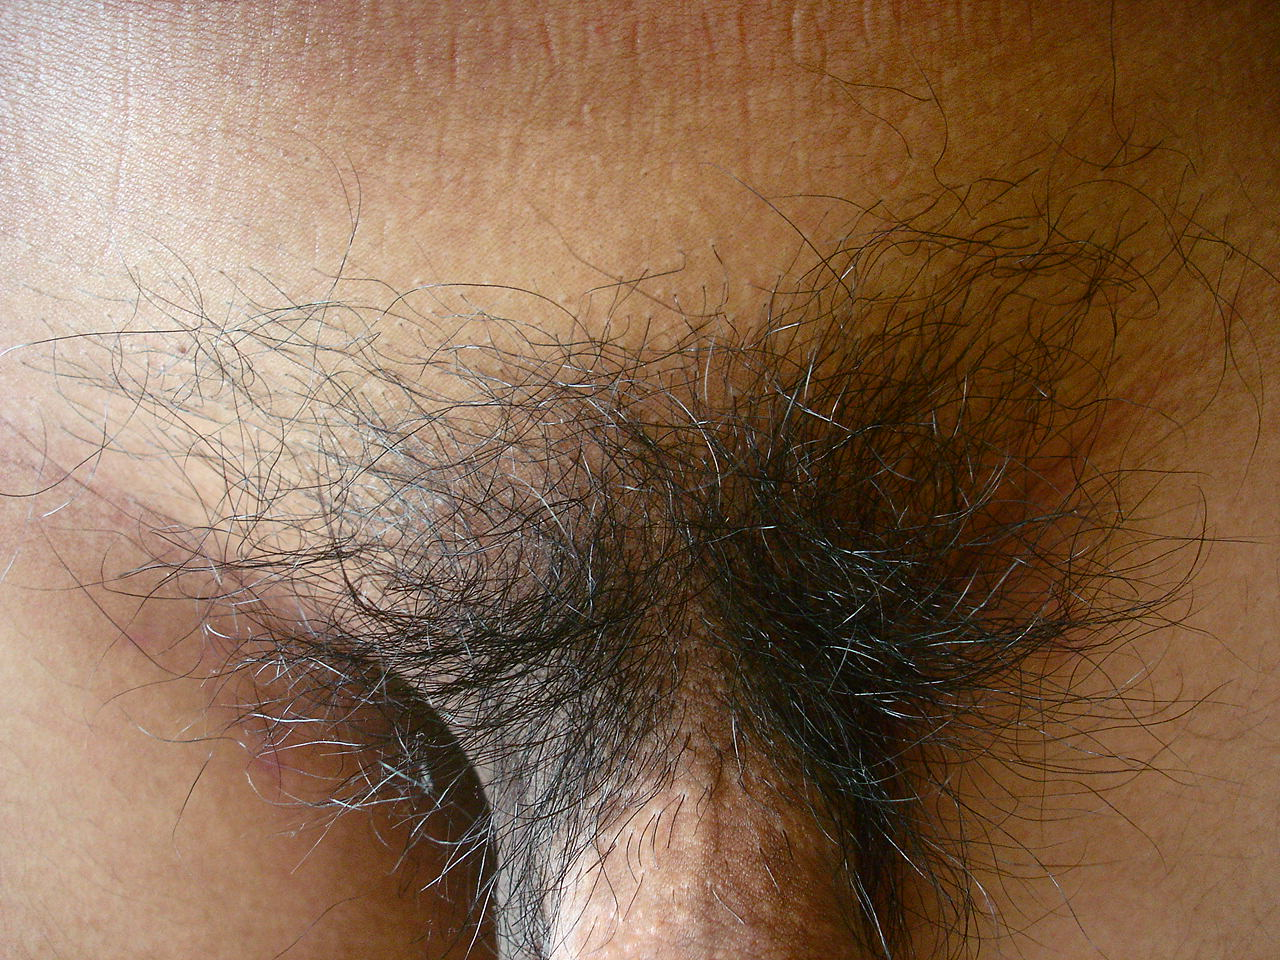 документация стрижка лобковых волос у мужчин фото всем